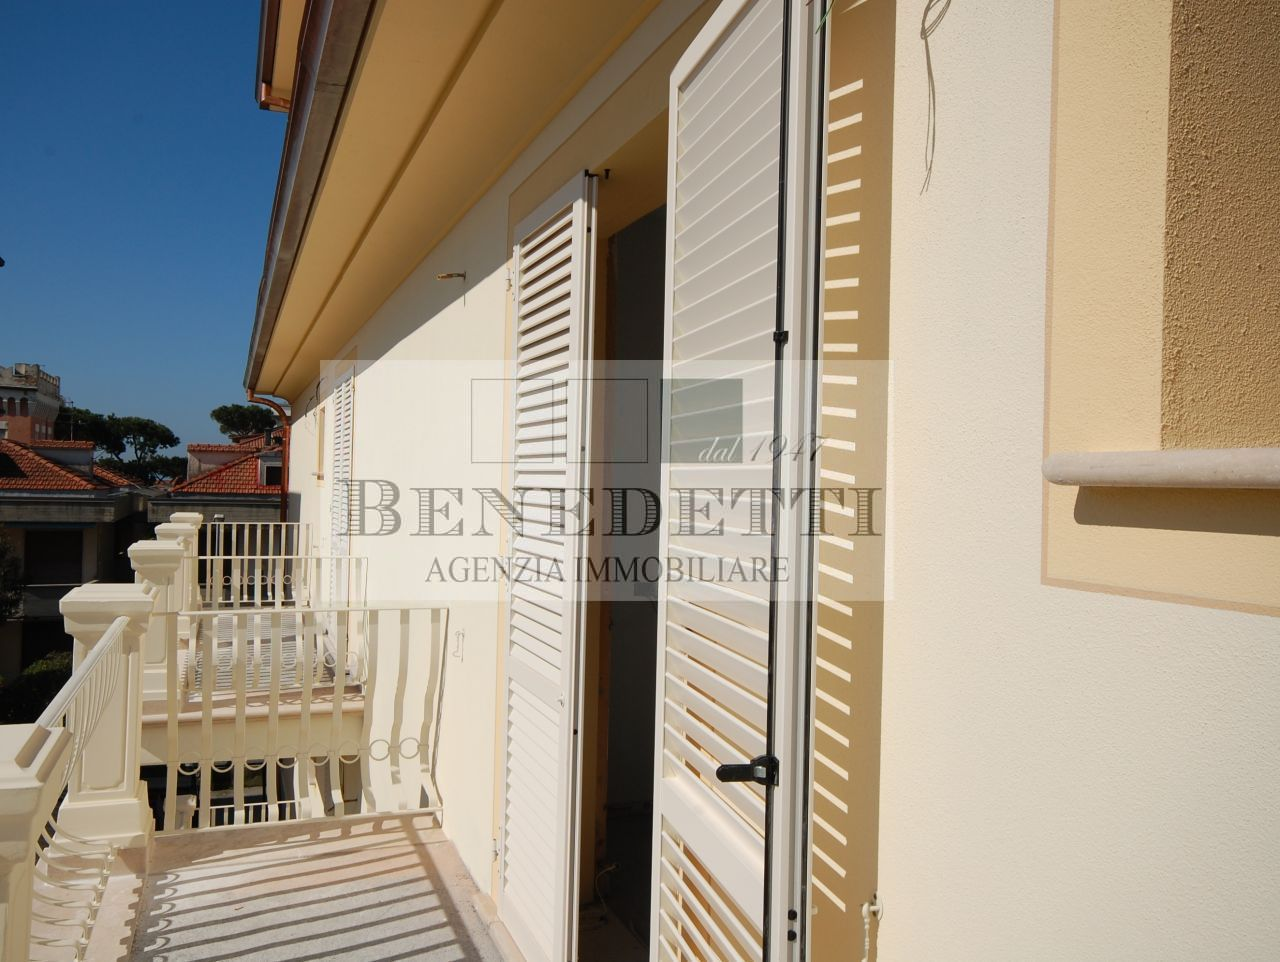 Appartamento in vendita a Camaiore, 5 locali, prezzo € 550.000 | Cambio Casa.it